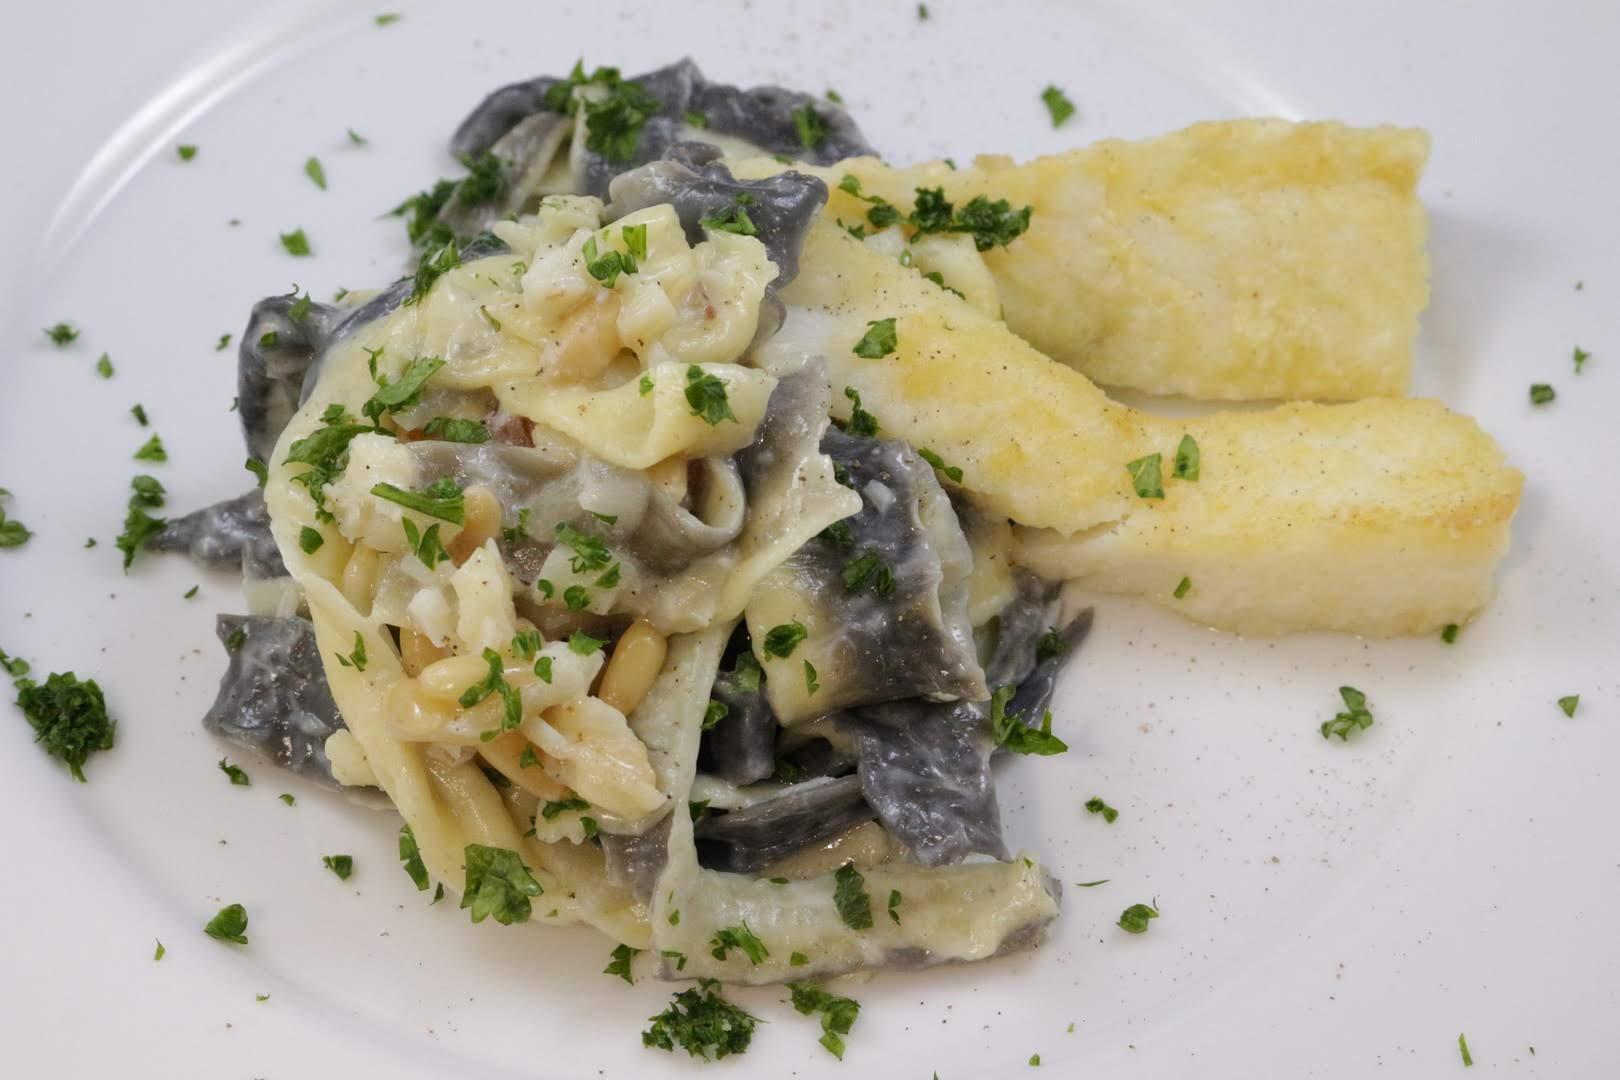 corso di cucina a torino scuola di cucina a torino pasta fresca con il pesce cucinare il pesce la palestra del cibo corso di cucina di pesce